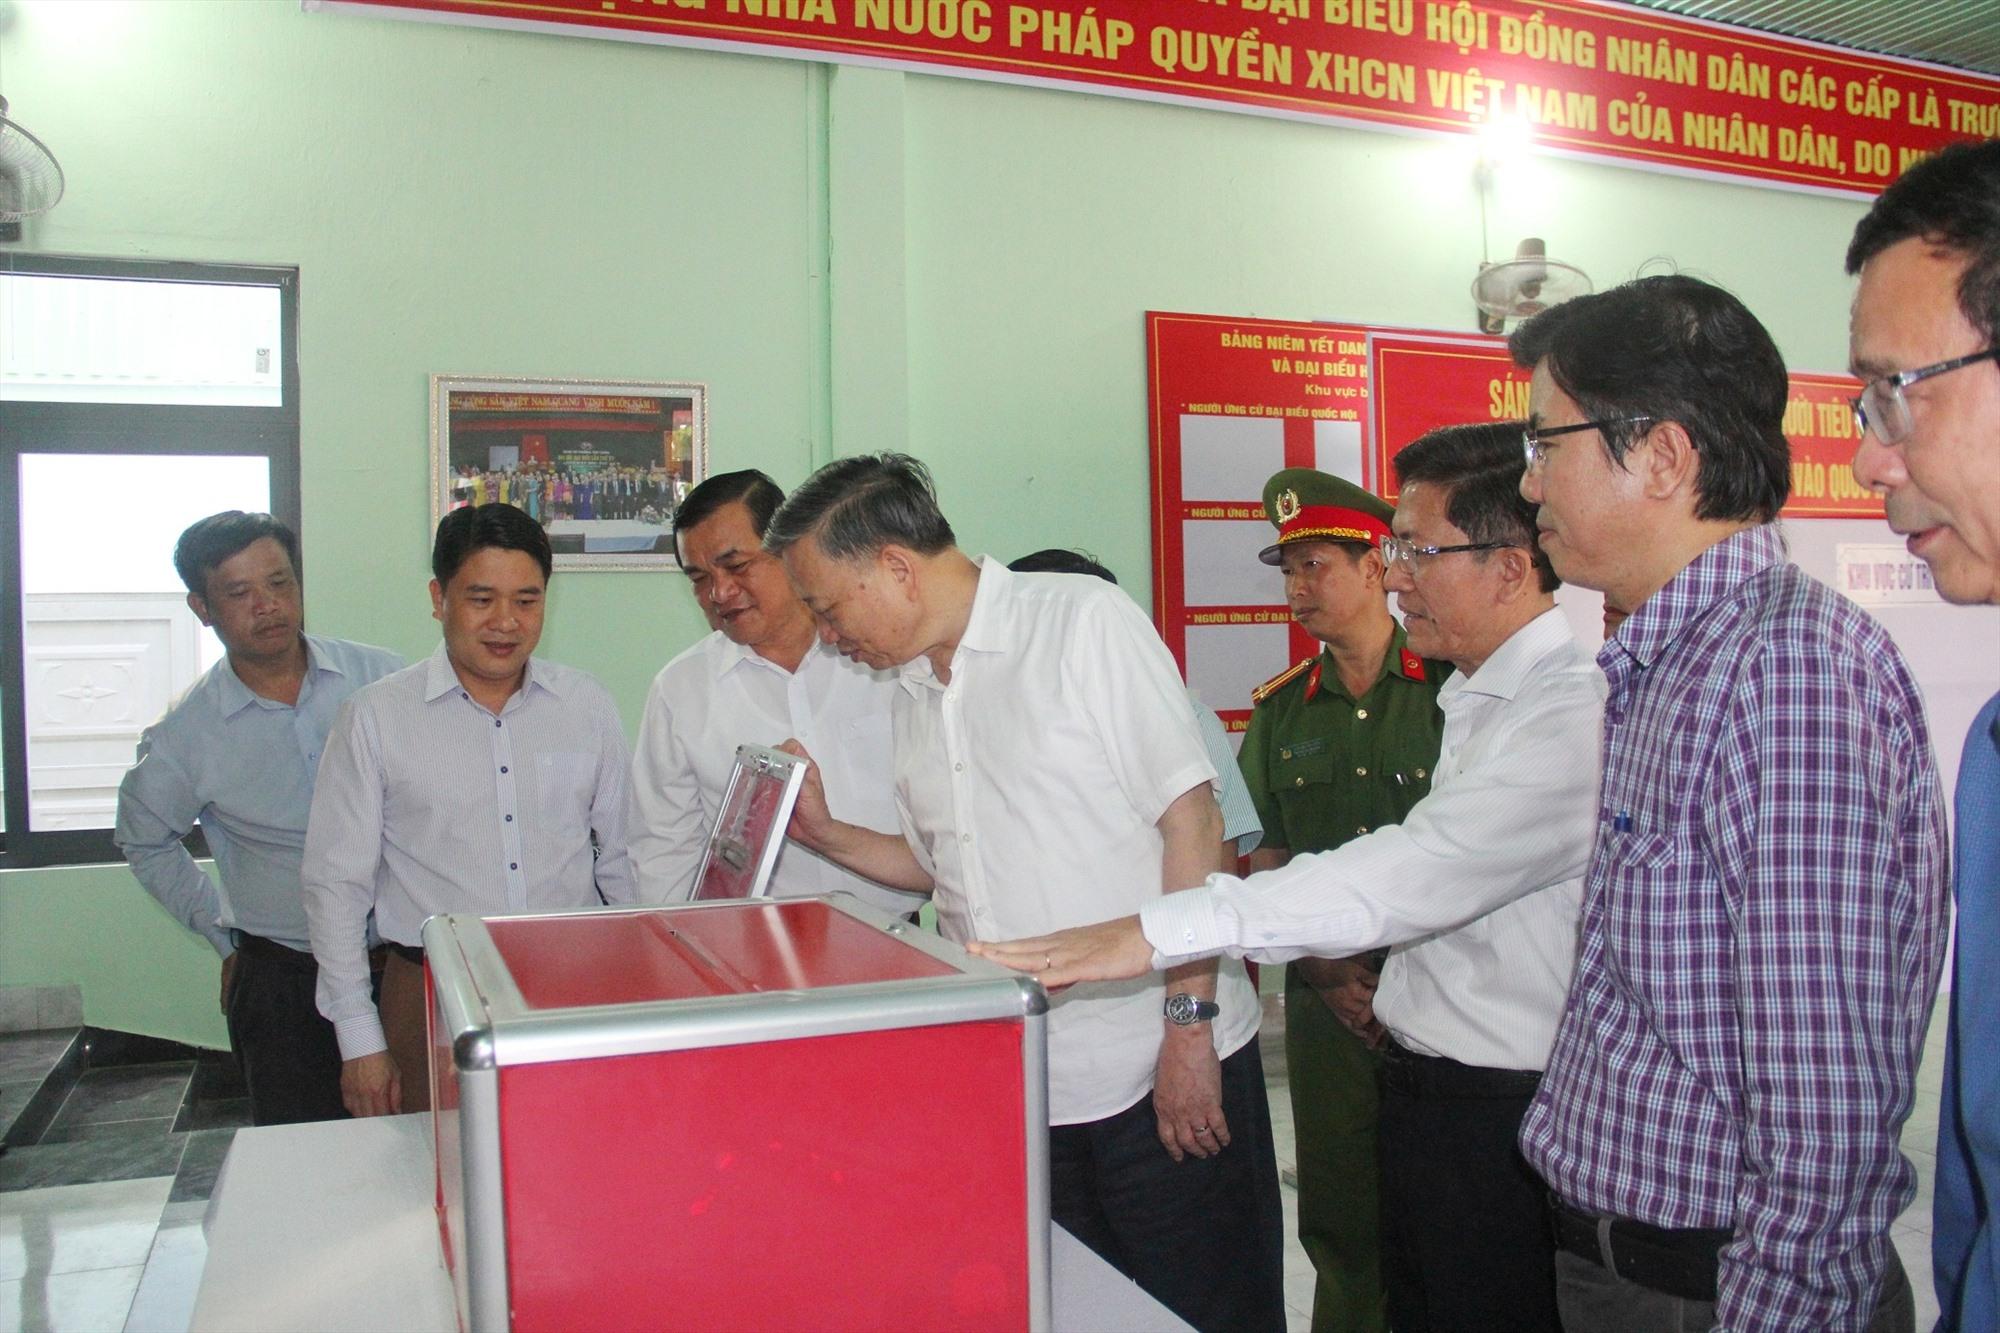 Ủy viên Bộ Chính trị, Đại tướng Tô Lâm kiểm tra công tác chuẩn bị bầu cử tại Quảng Nam vào chiều ngày 19.4.2021. Ảnh: N.Đ